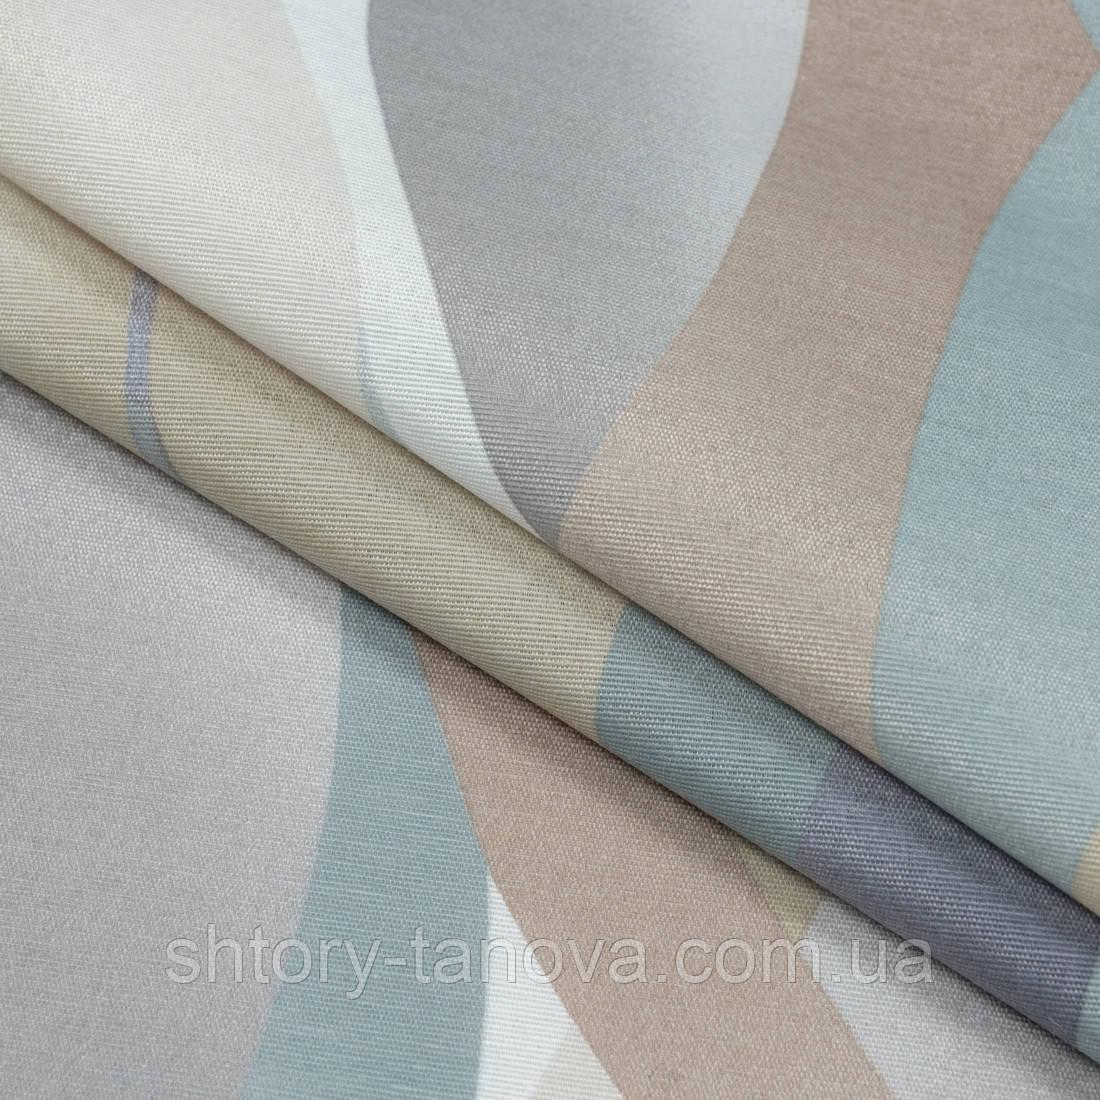 Декоративная ткань олас/olas волна беж,серый,сизый